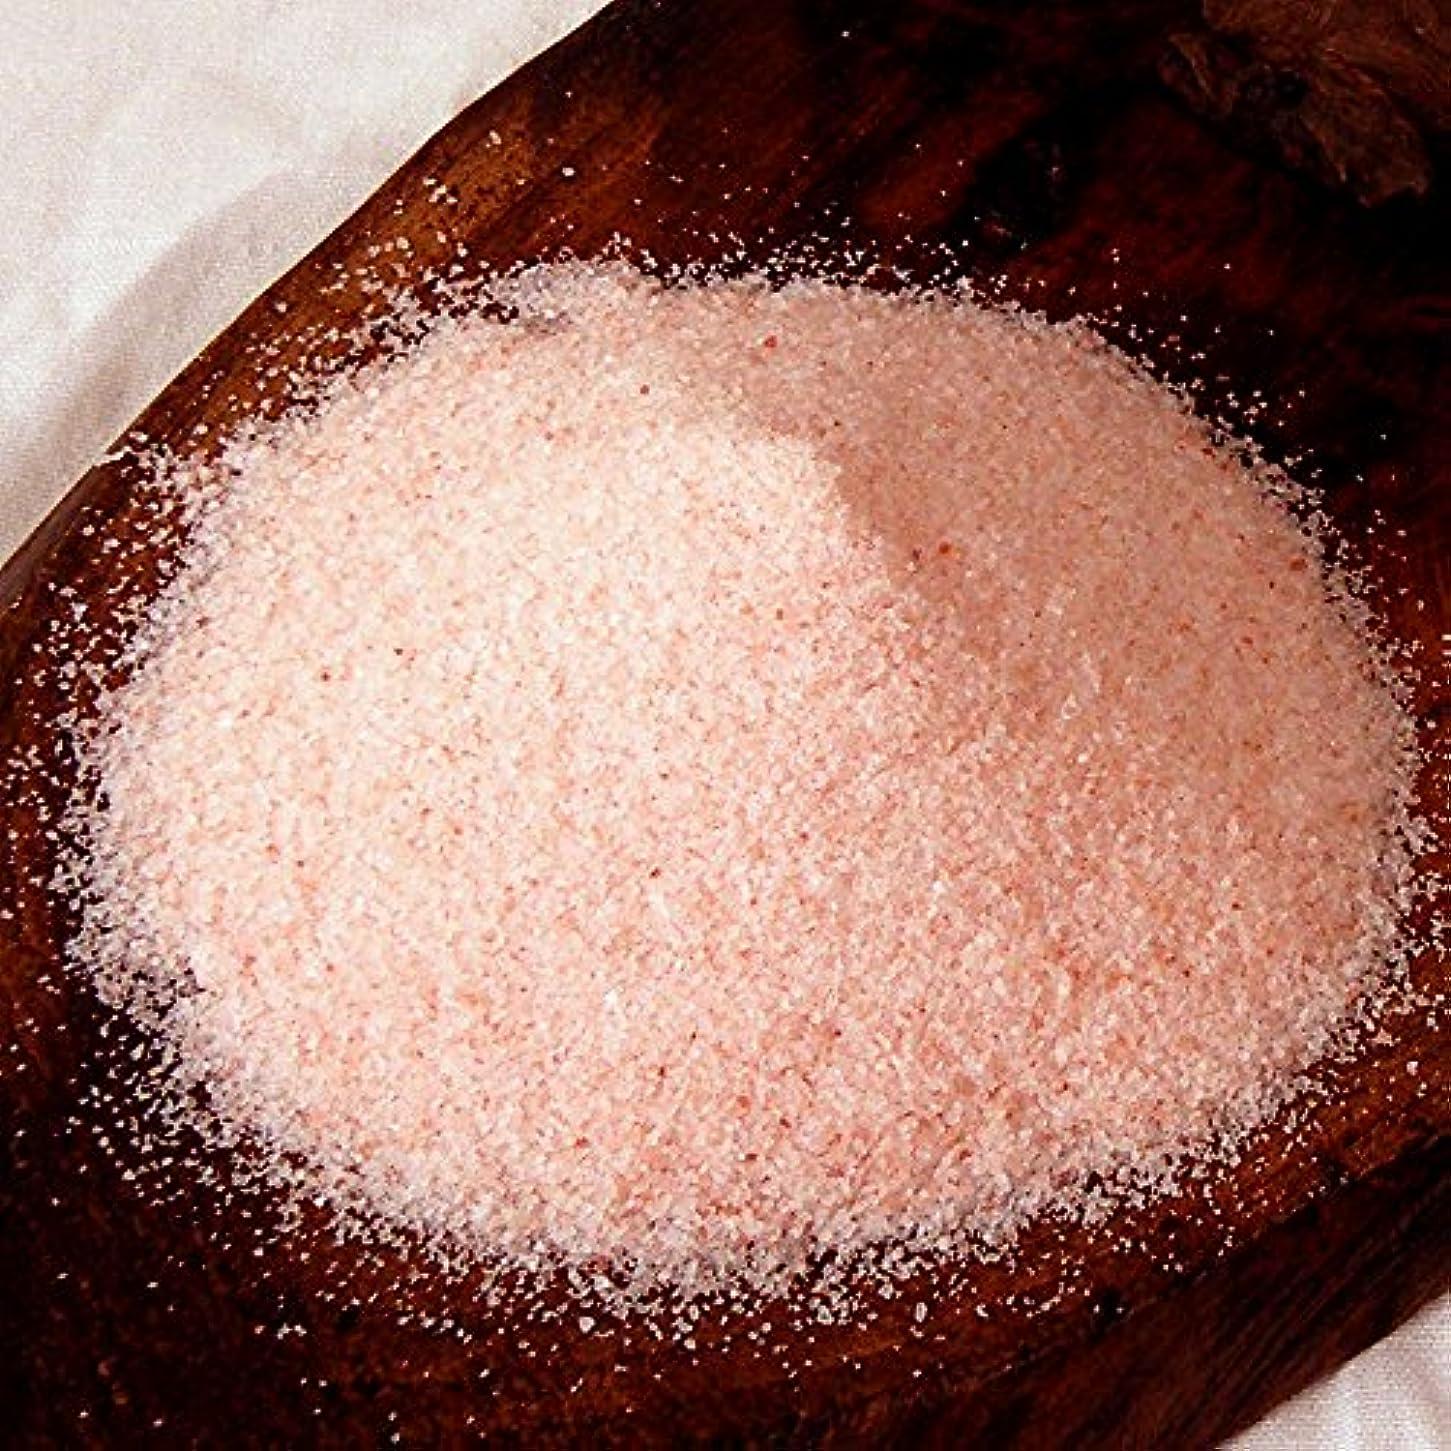 協力するすでに安息ヒマラヤ岩塩 バスソルト ローズソルト 溶けやすい細粒タイプ お試し1kg (ソルト内容量970g)